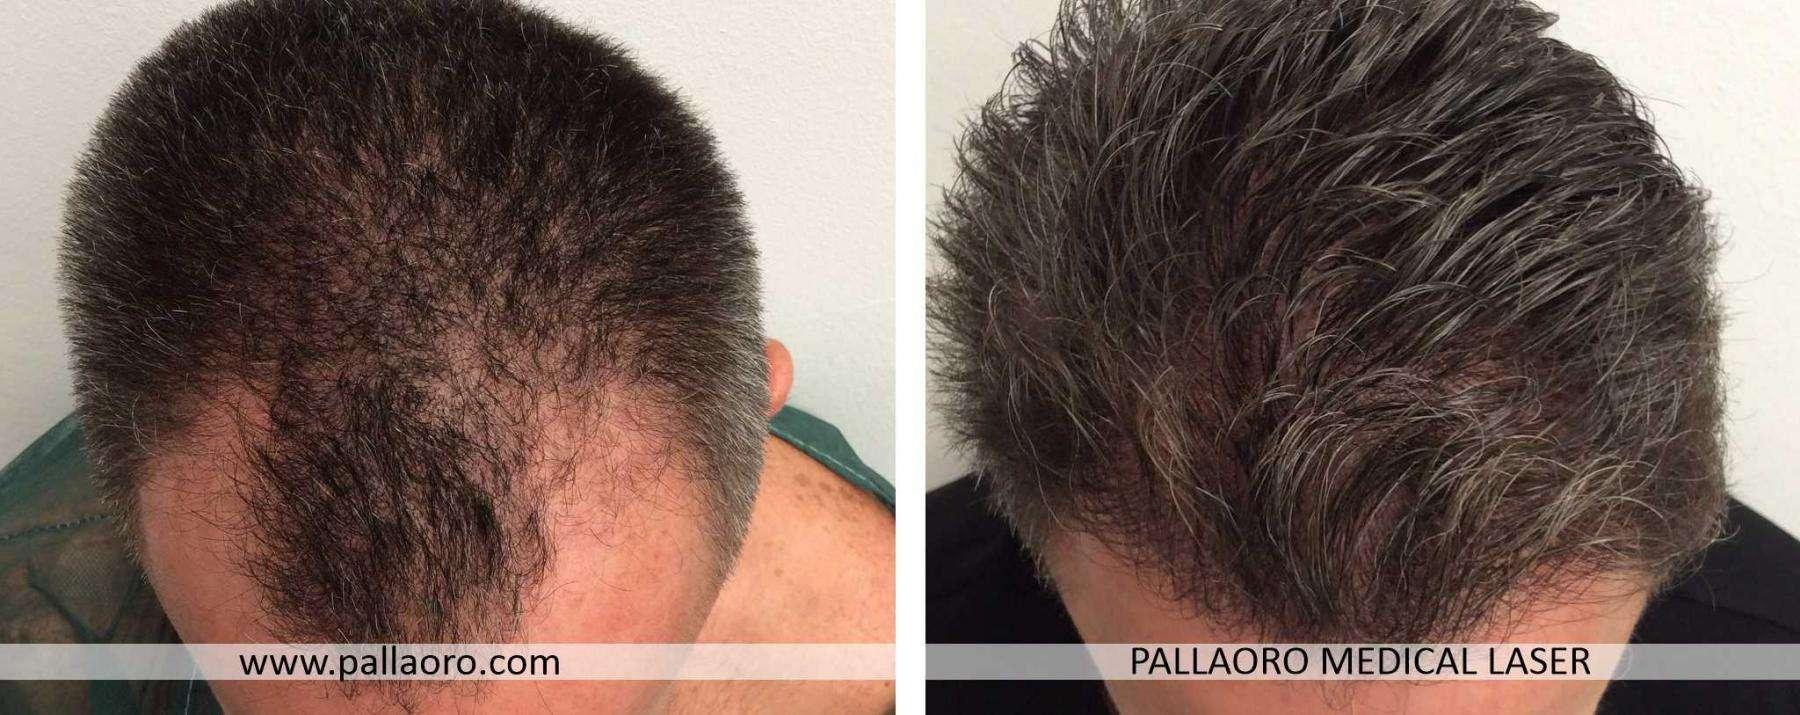 trapianto capelli 2021 02 b